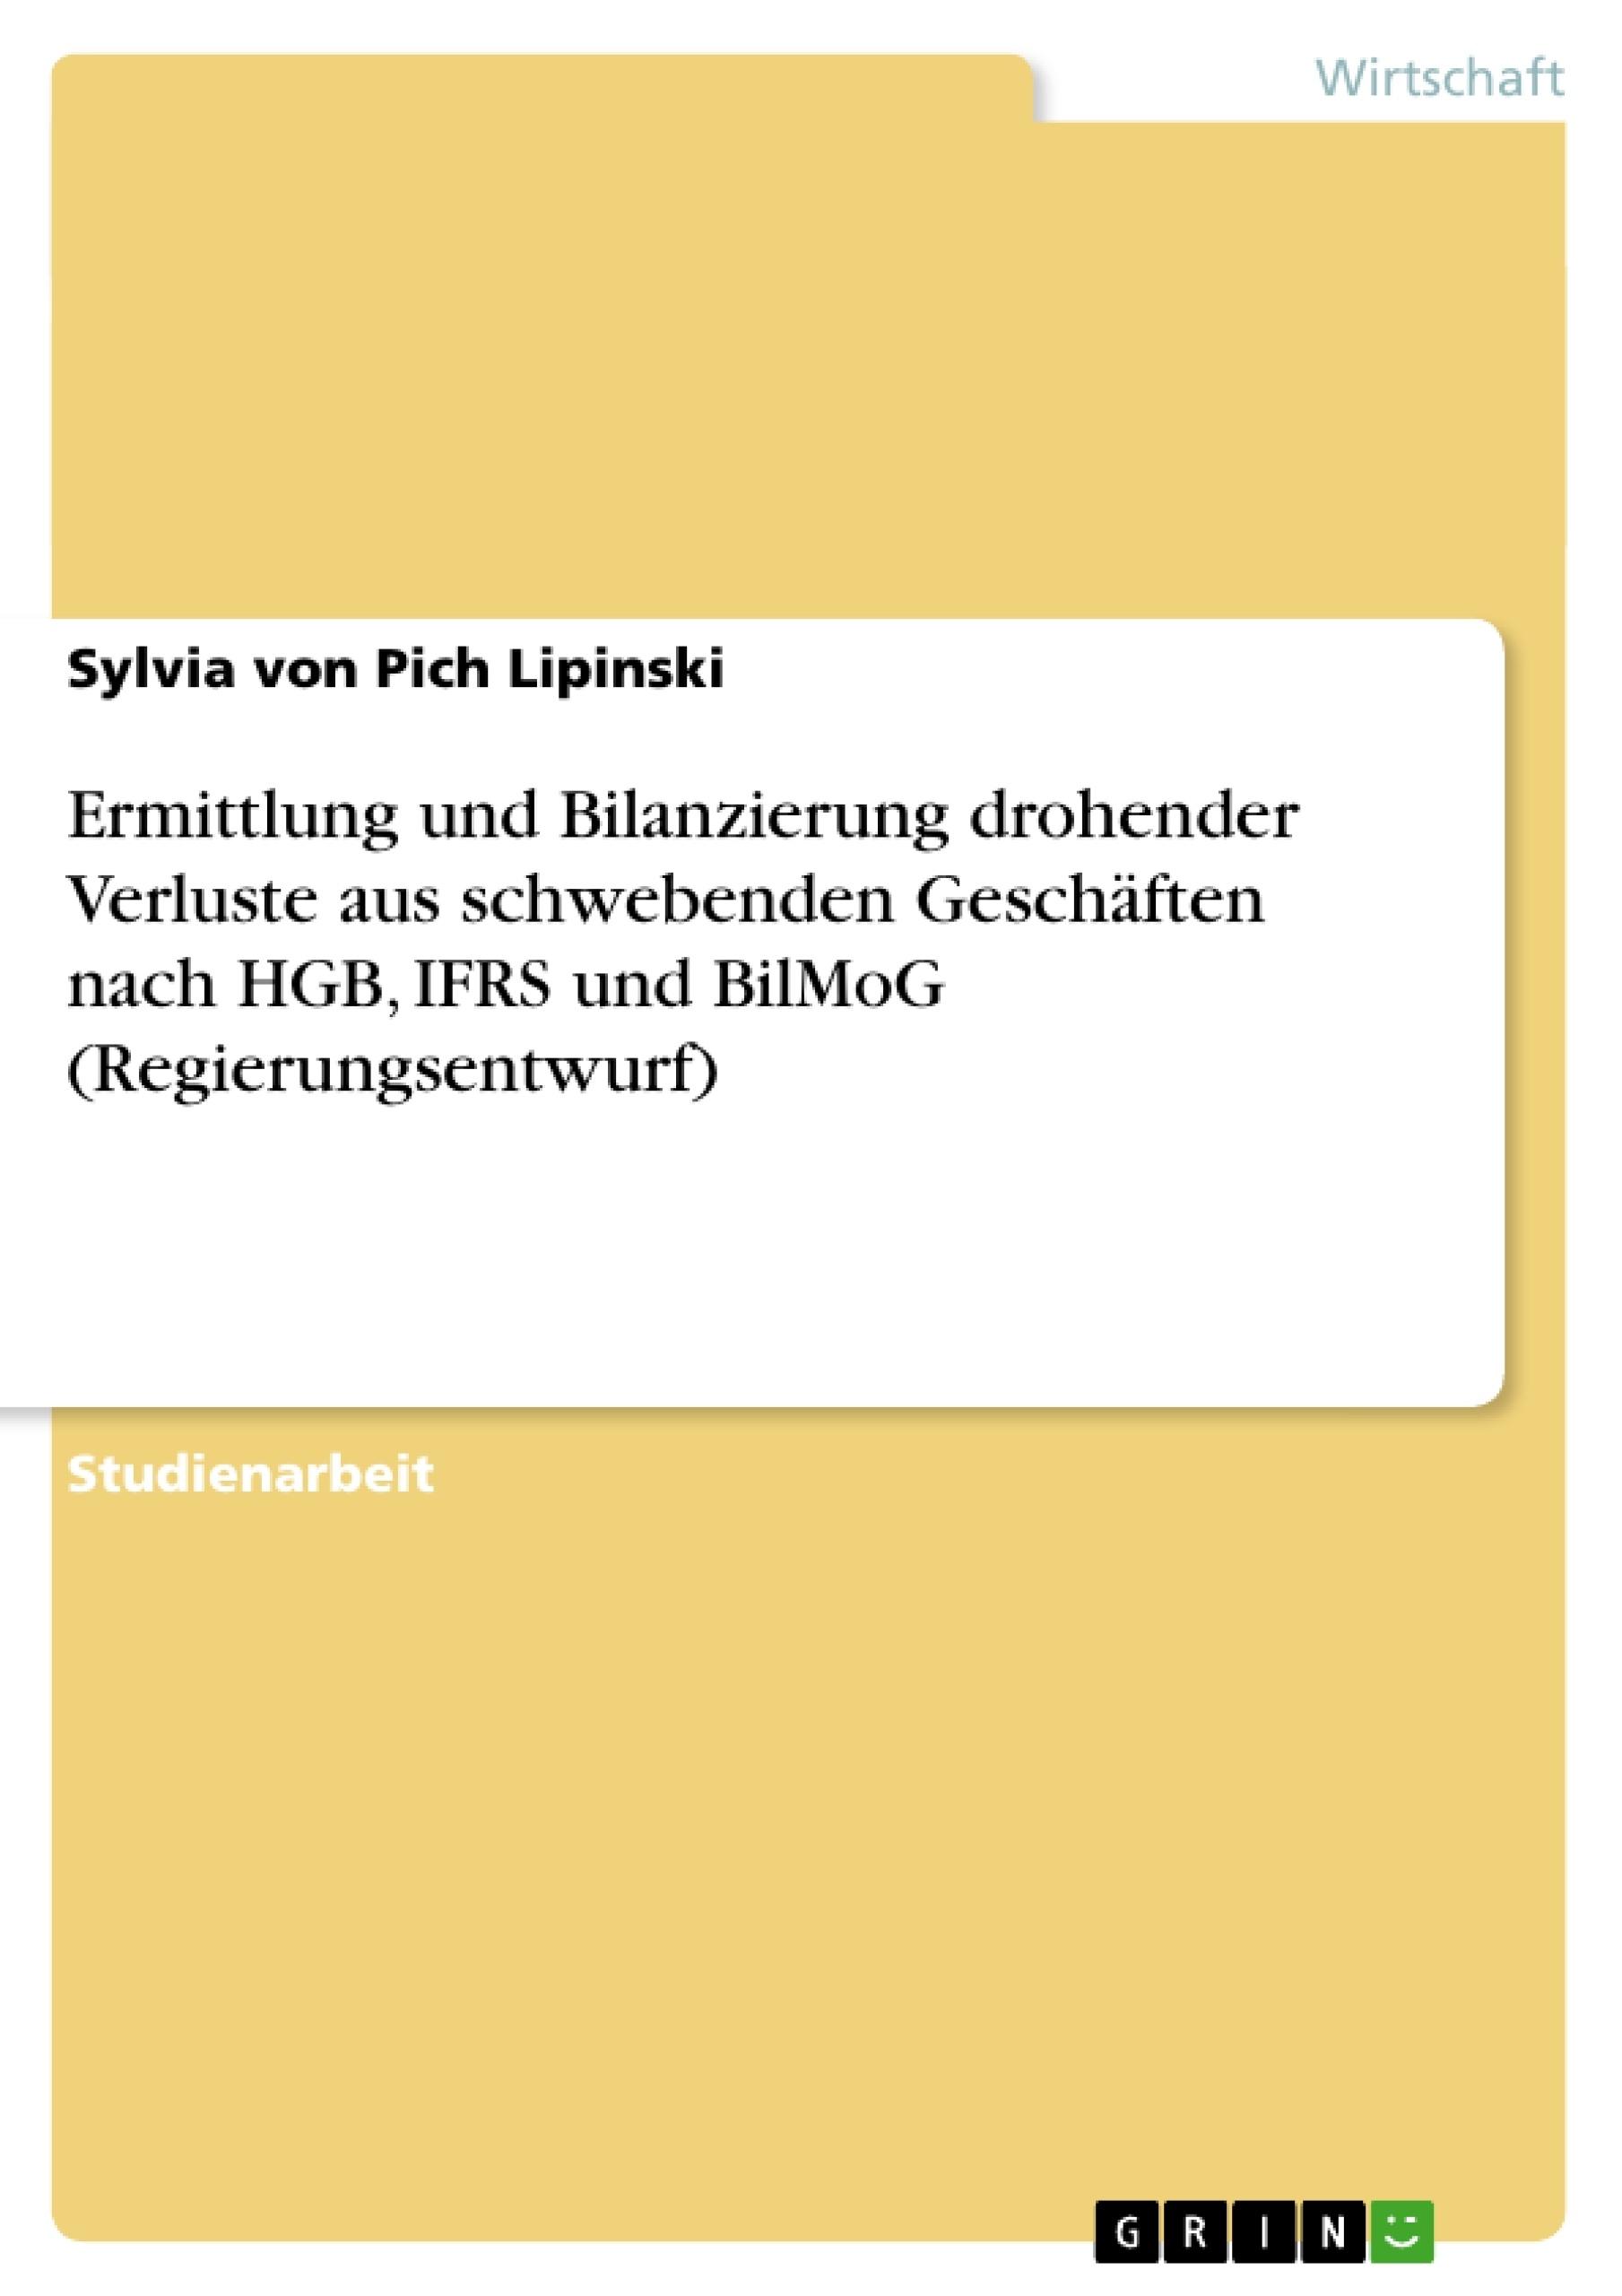 Titel: Ermittlung und Bilanzierung drohender Verluste aus schwebenden Geschäften nach HGB, IFRS und BilMoG (Regierungsentwurf)